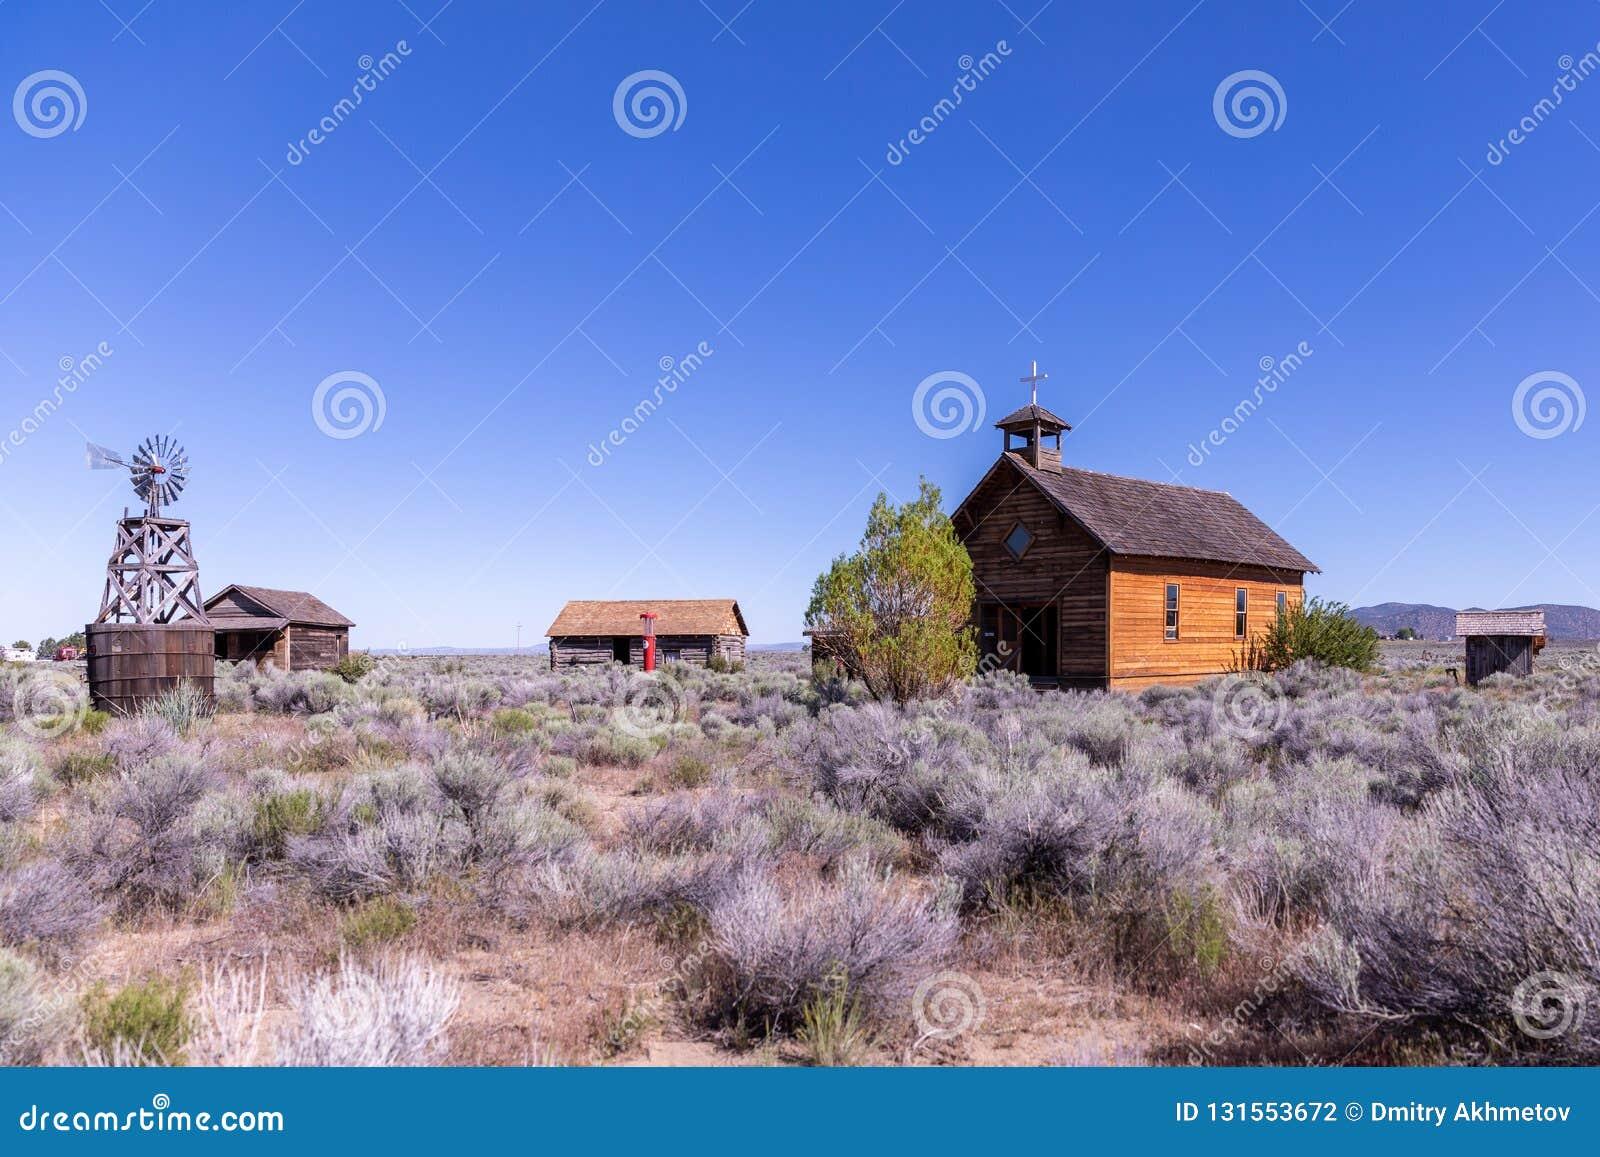 Construções históricas em uma herdade do deserto